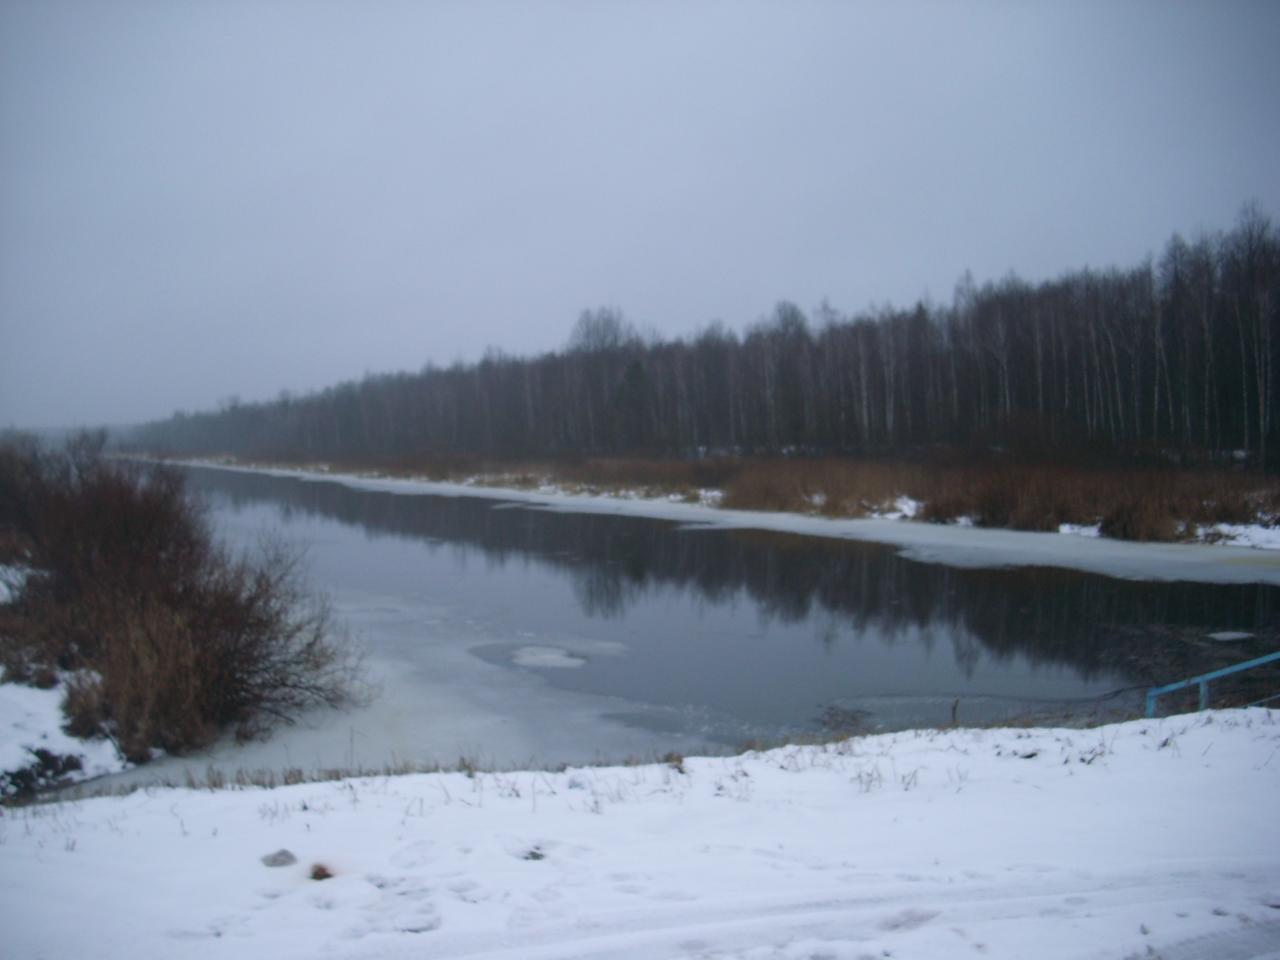 Только что приехал со Слободы. Утром проезжая канал ... | Отчеты о рыбалке в Беларуси